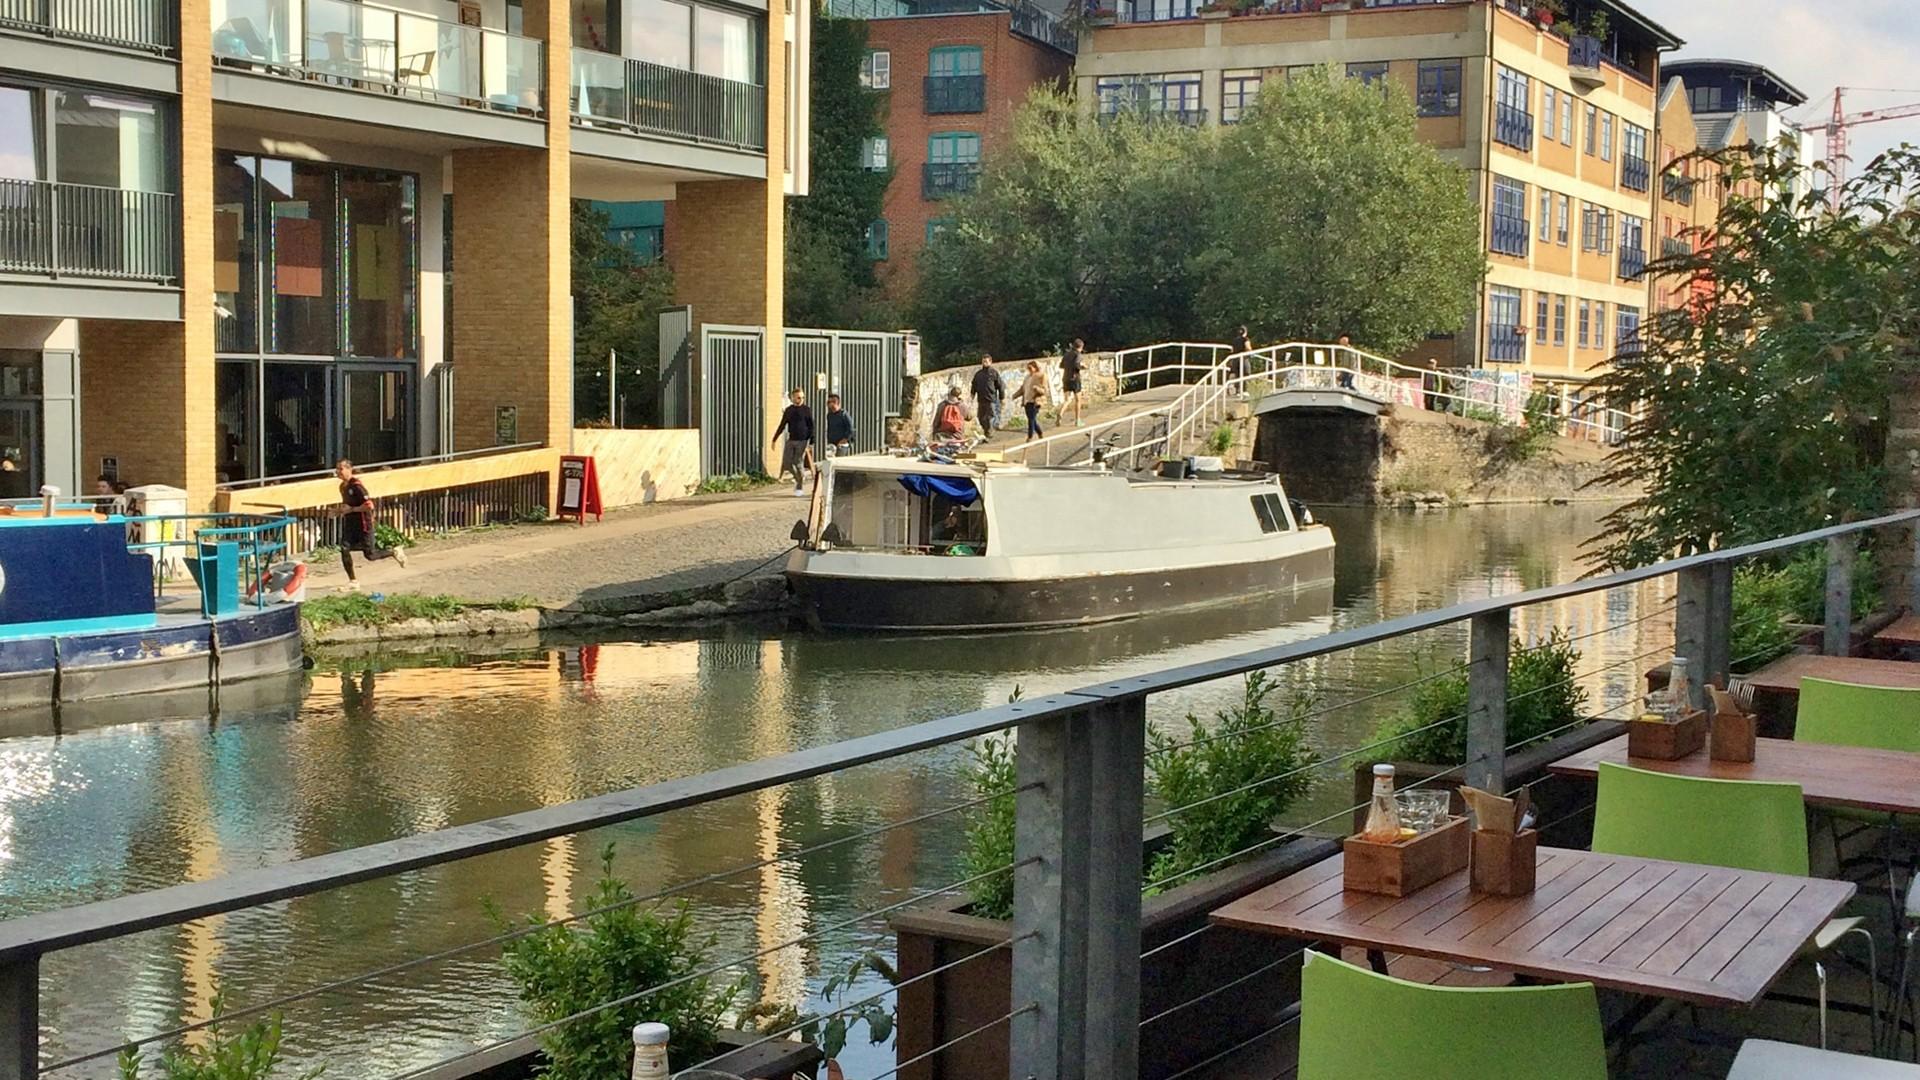 Sustainable restaurants London: Waterhouse